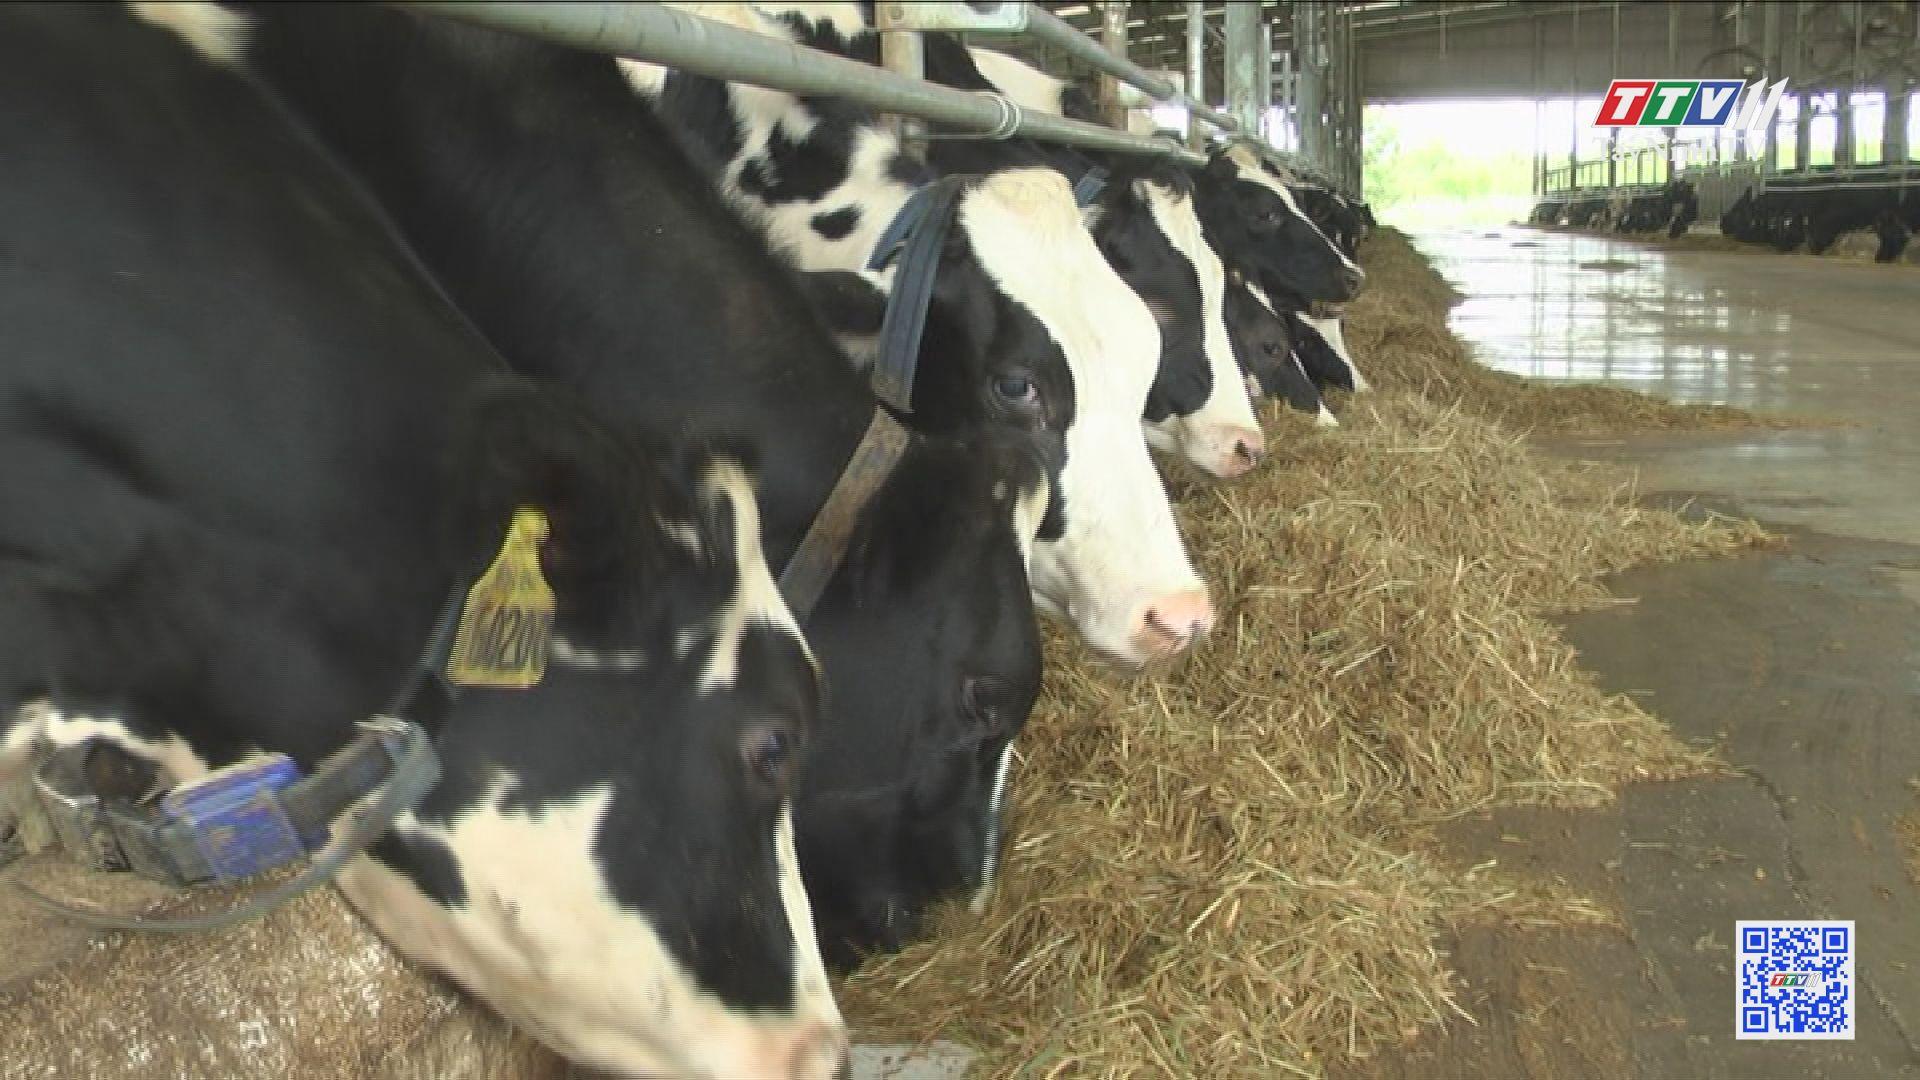 Chăn nuôi bò sữa hướng tới chuỗi liên kết giá trị | NÔNG NGHIỆP TÂY NINH | TayNinhTV